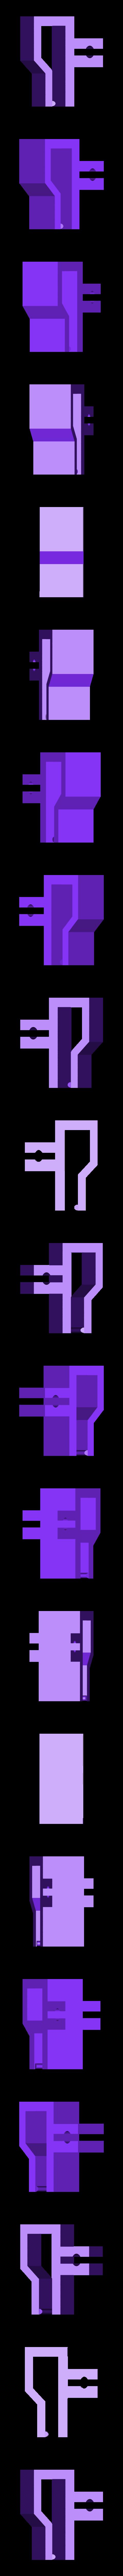 SmallFilamentClip.stl Télécharger fichier STL gratuit Filament Clip, Filament Holder, Filament Keeper • Plan imprimable en 3D, jwilson484